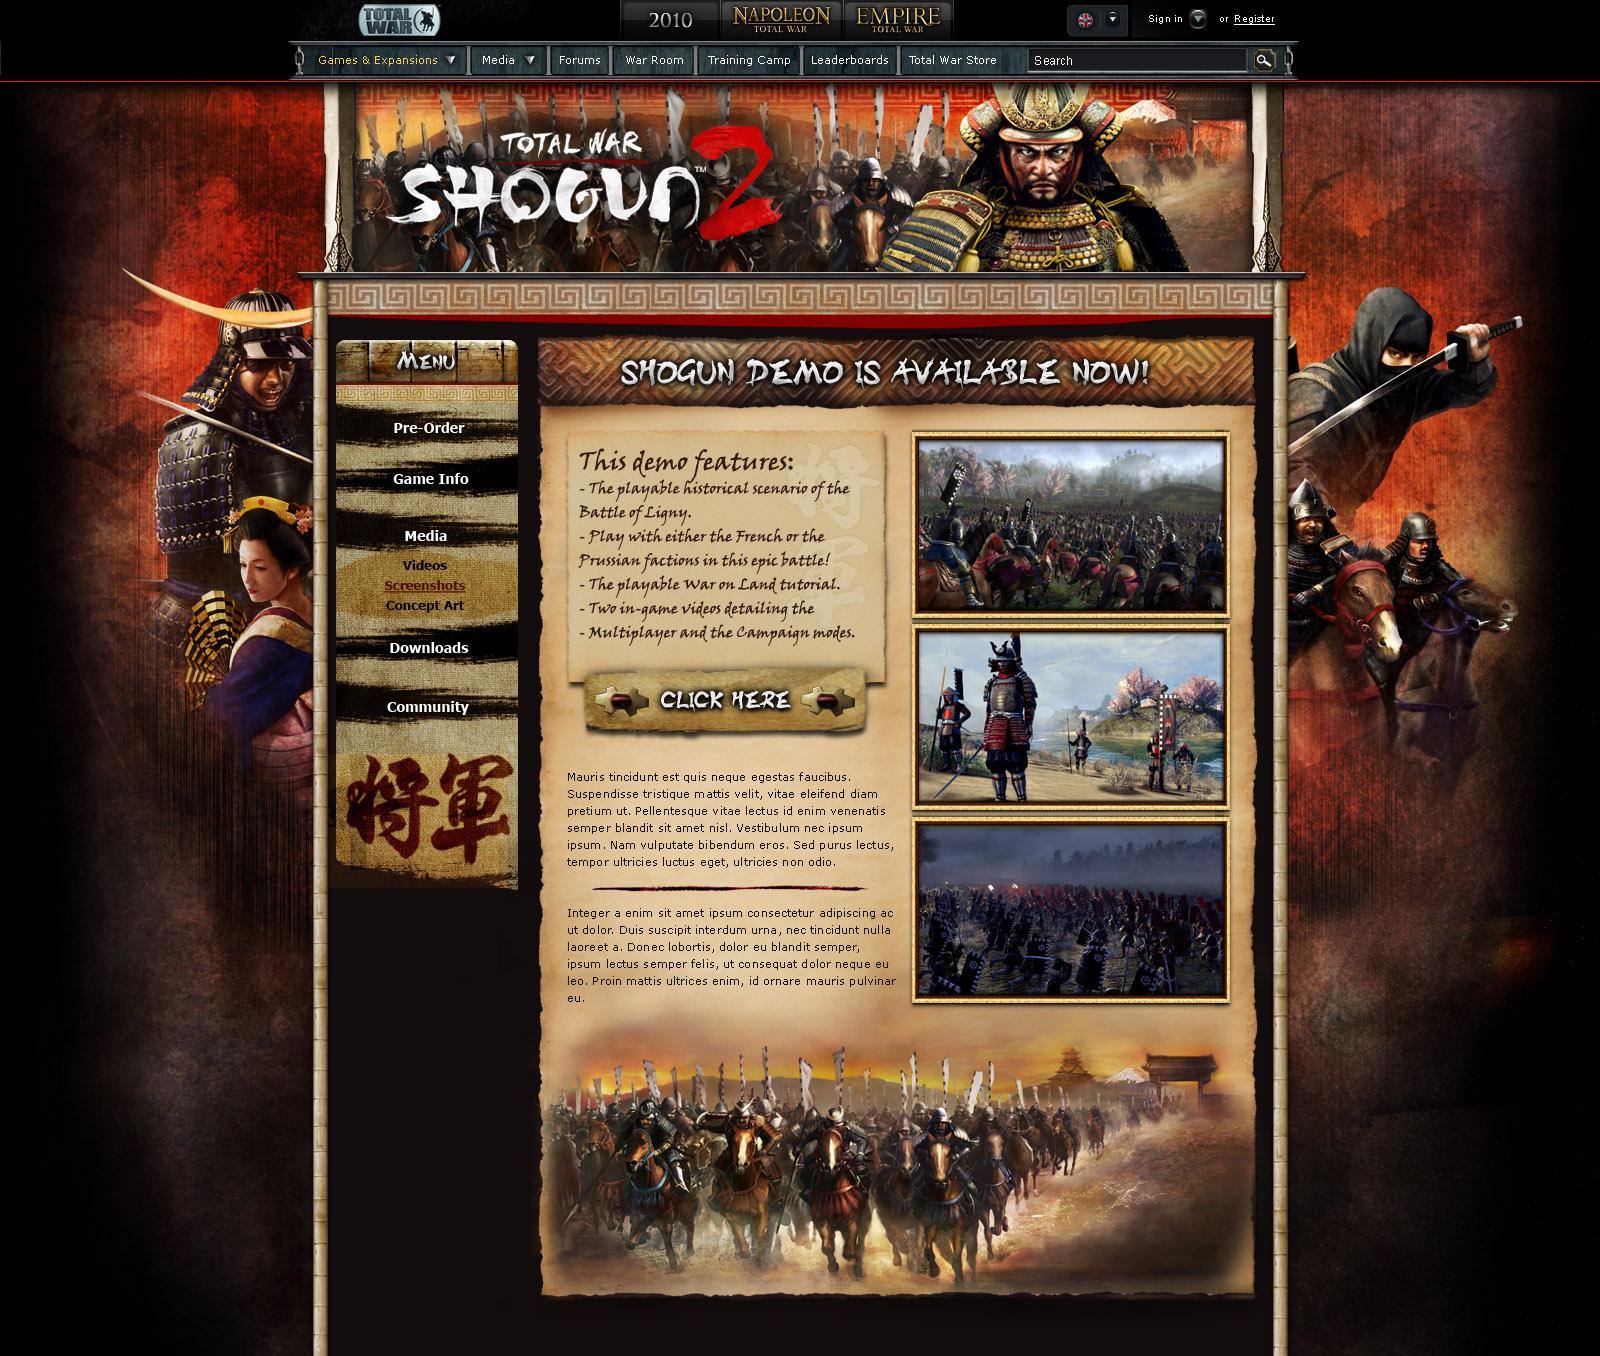 SEGA_Total_War_Shogun2_demo_6.jpg